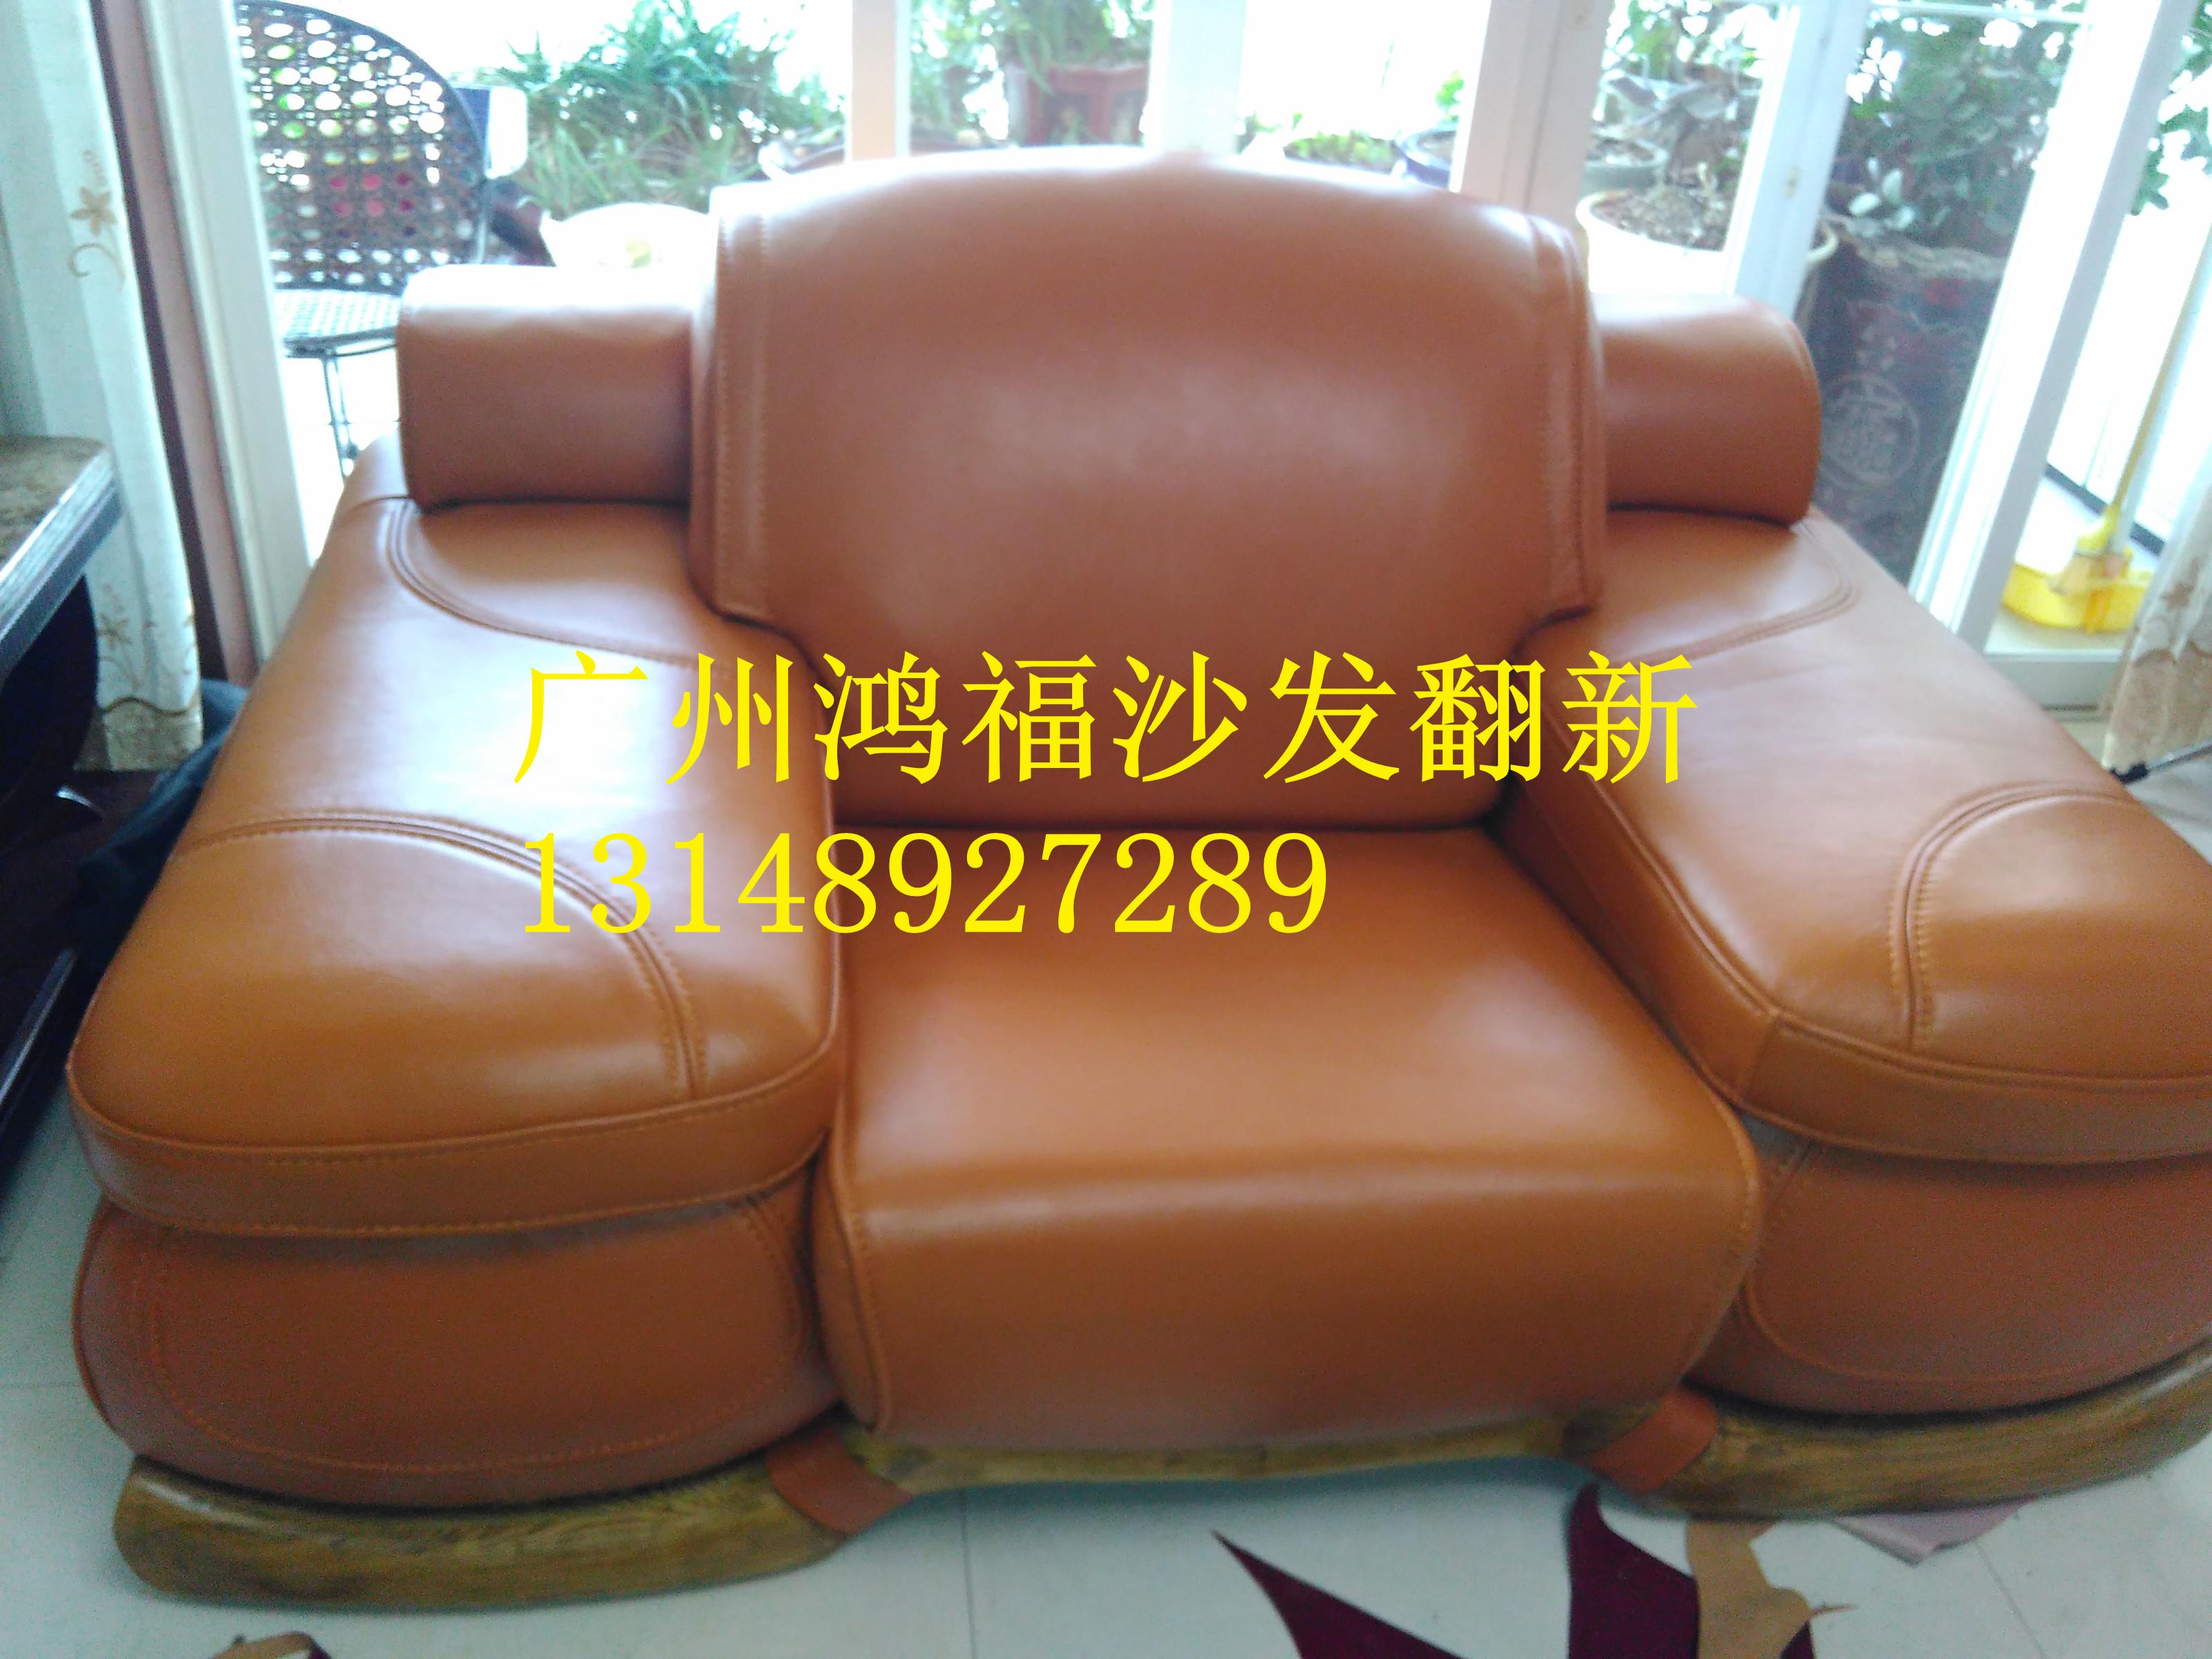 广州海珠区沙发翻新换皮